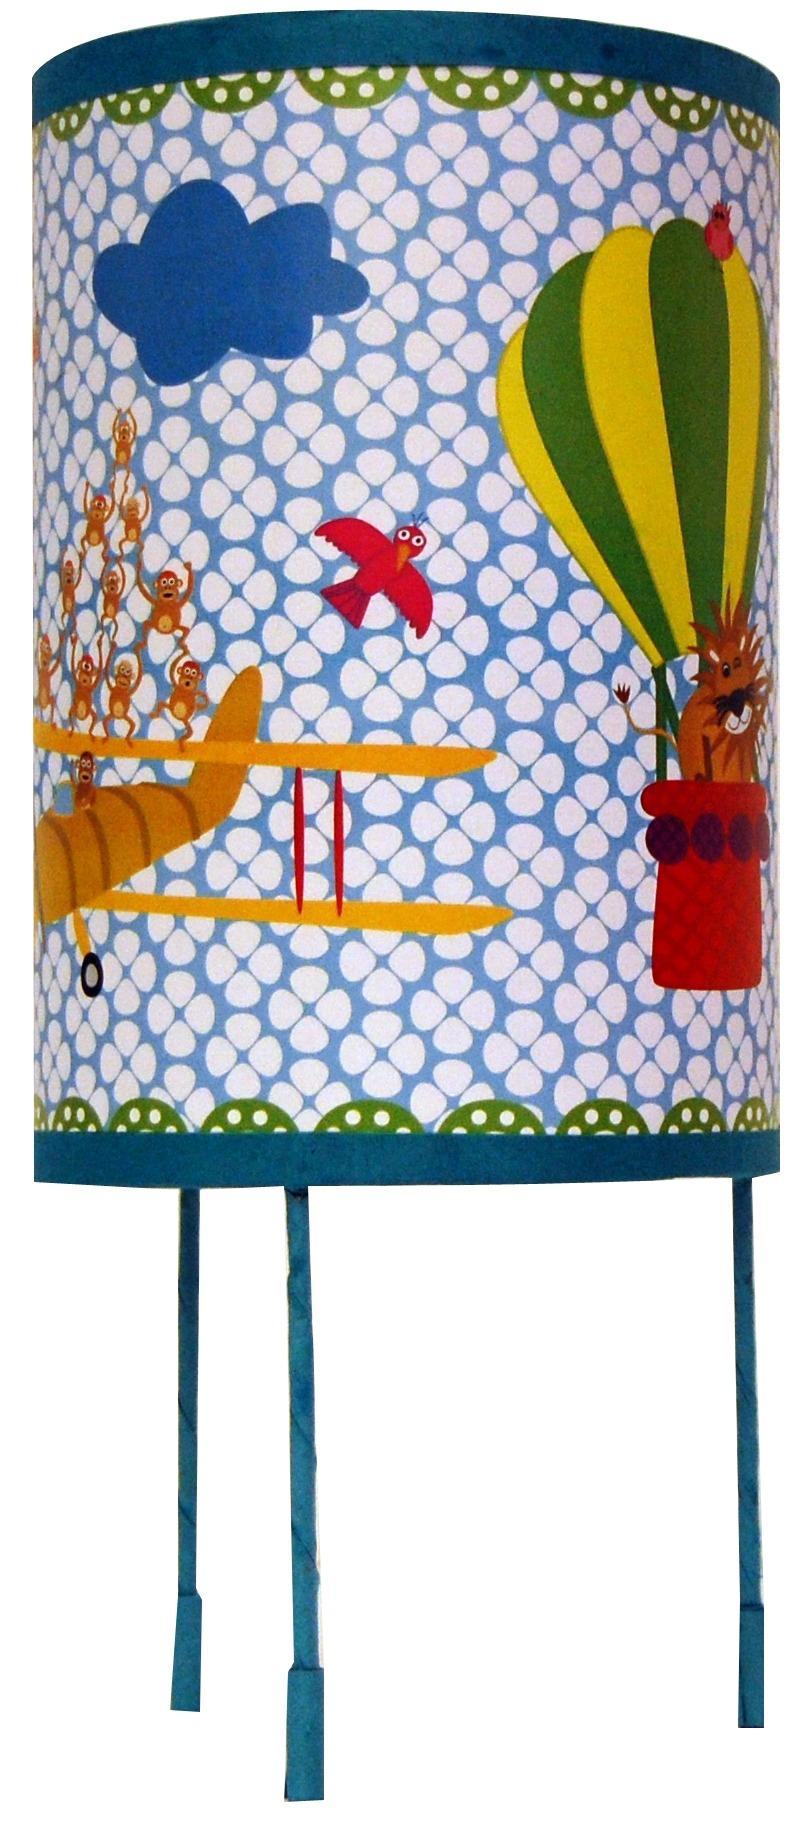 Decoration pour enfants luminaire enfant lampe de chevet da 2815401 avion lampe 969ad big